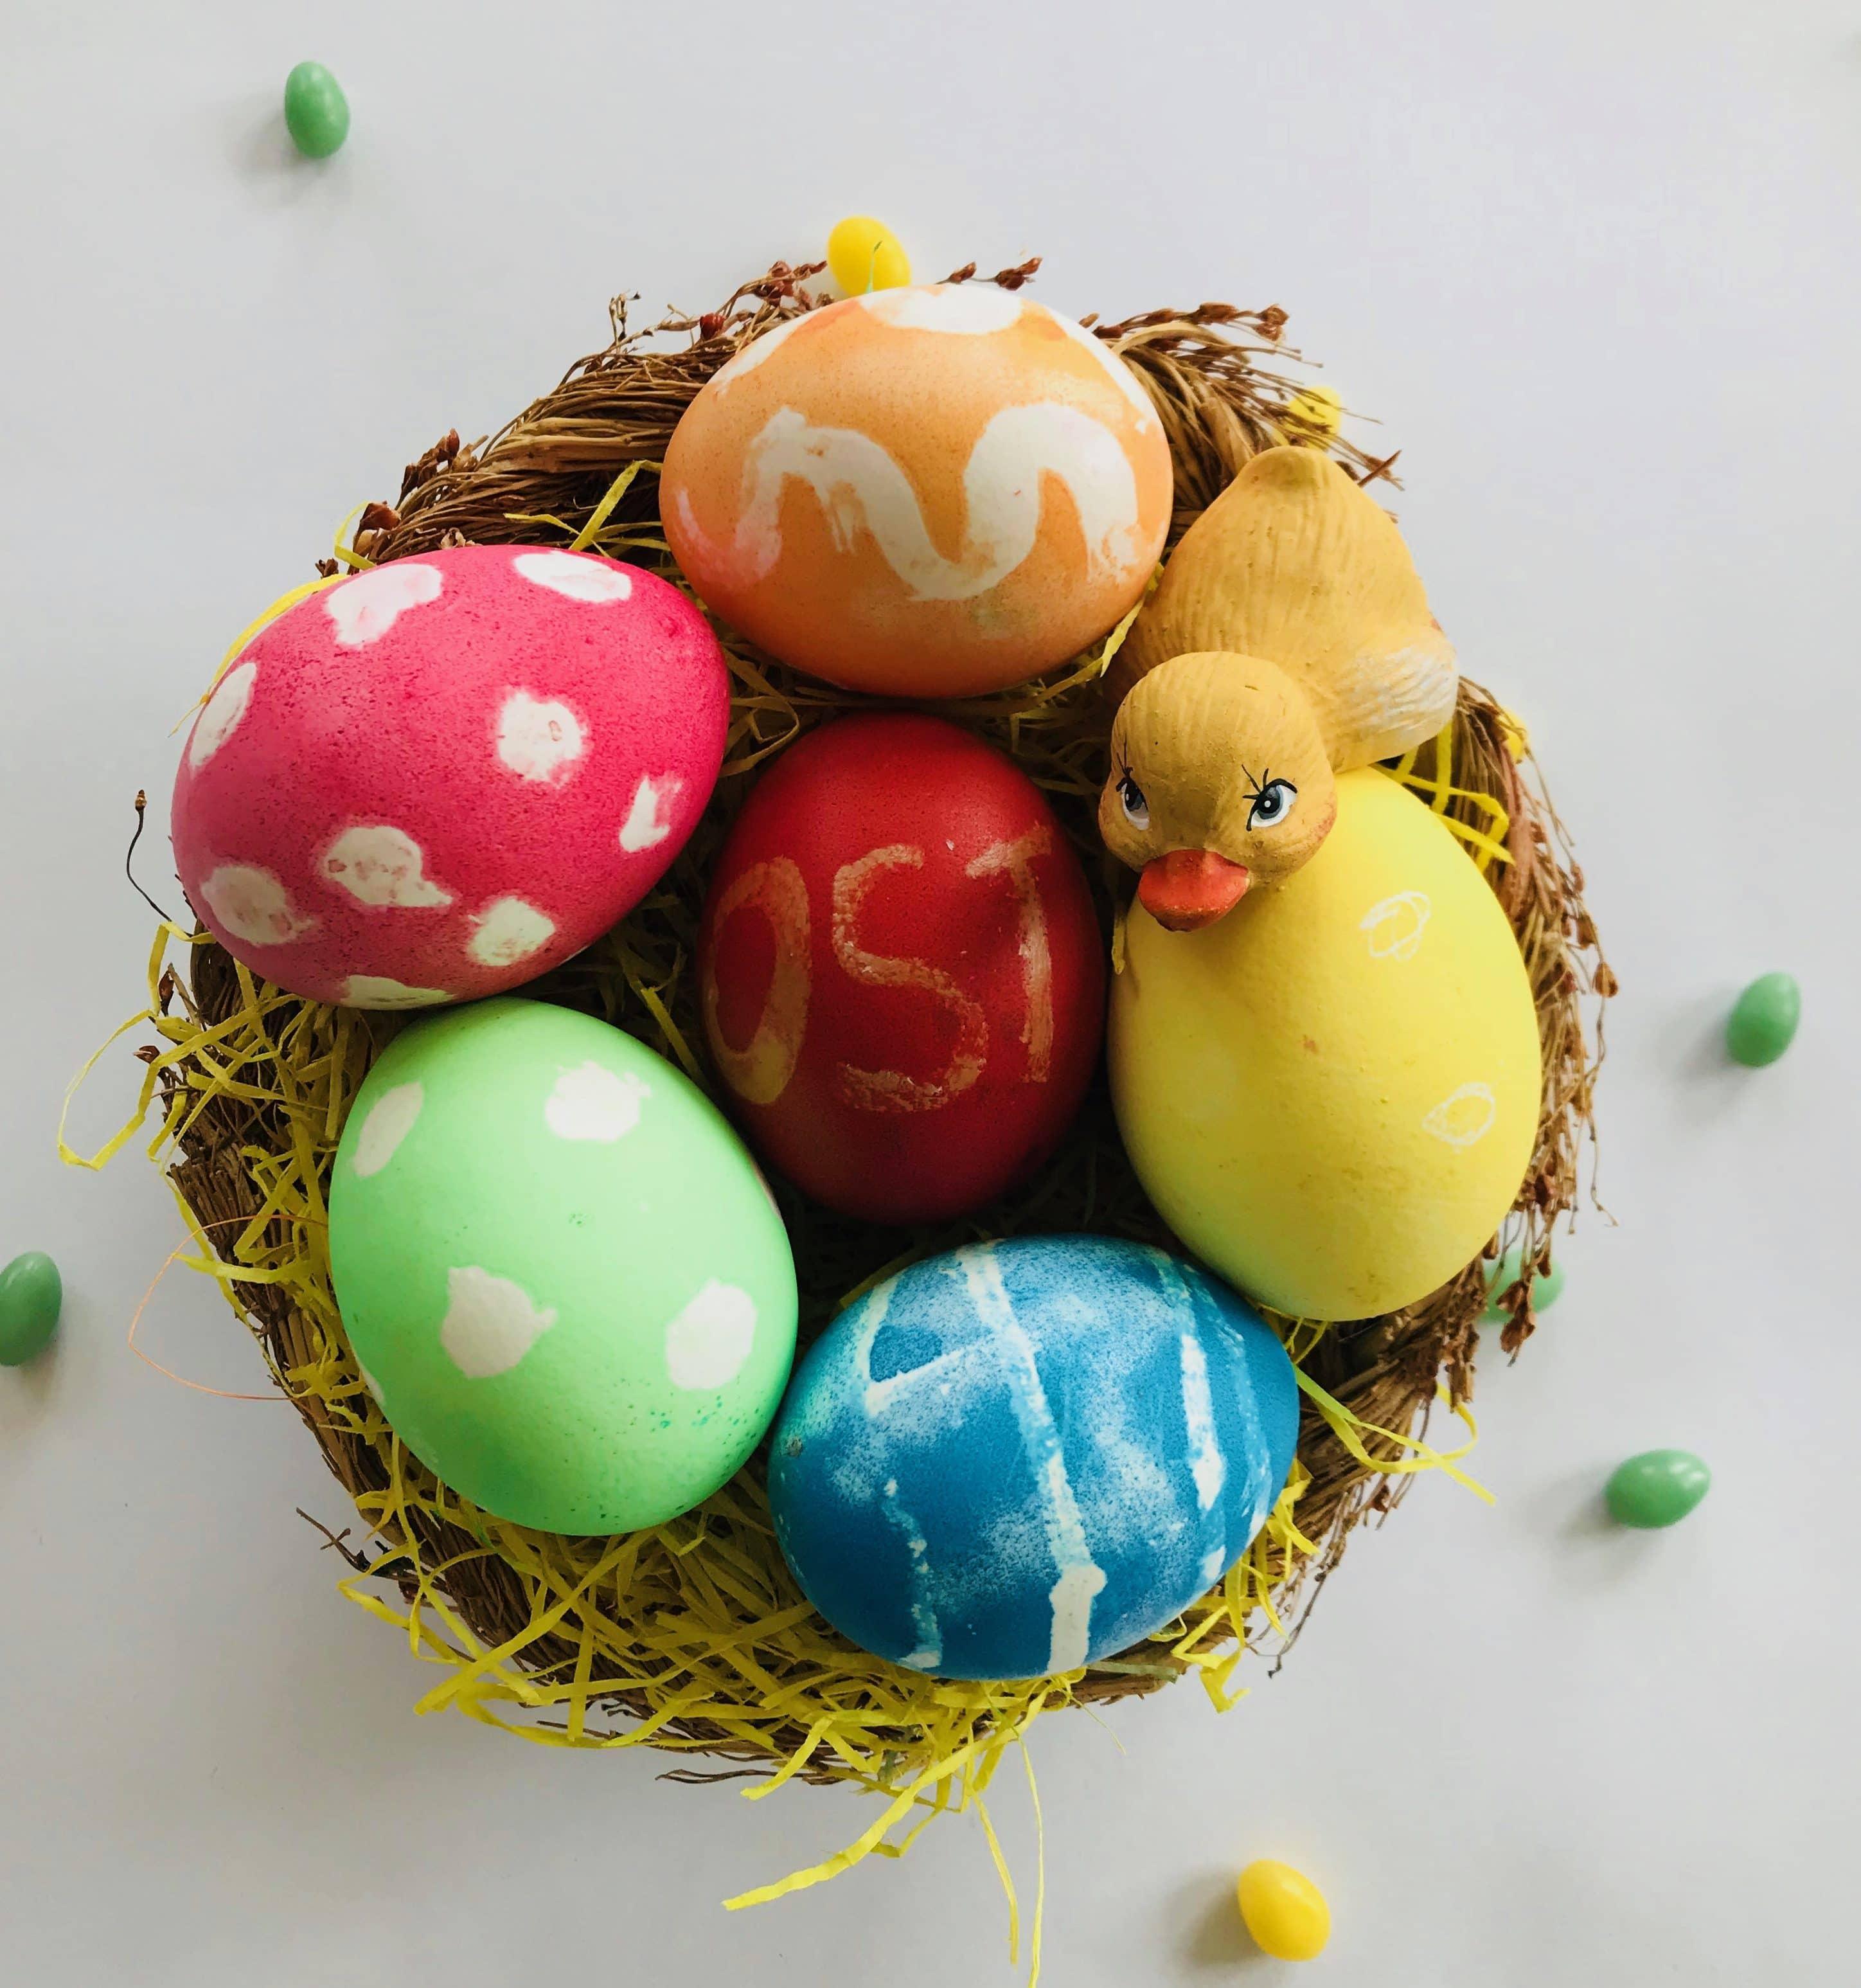 Ostereier mit Kindern färben - mit Kerzenwachs Motive aufmalen